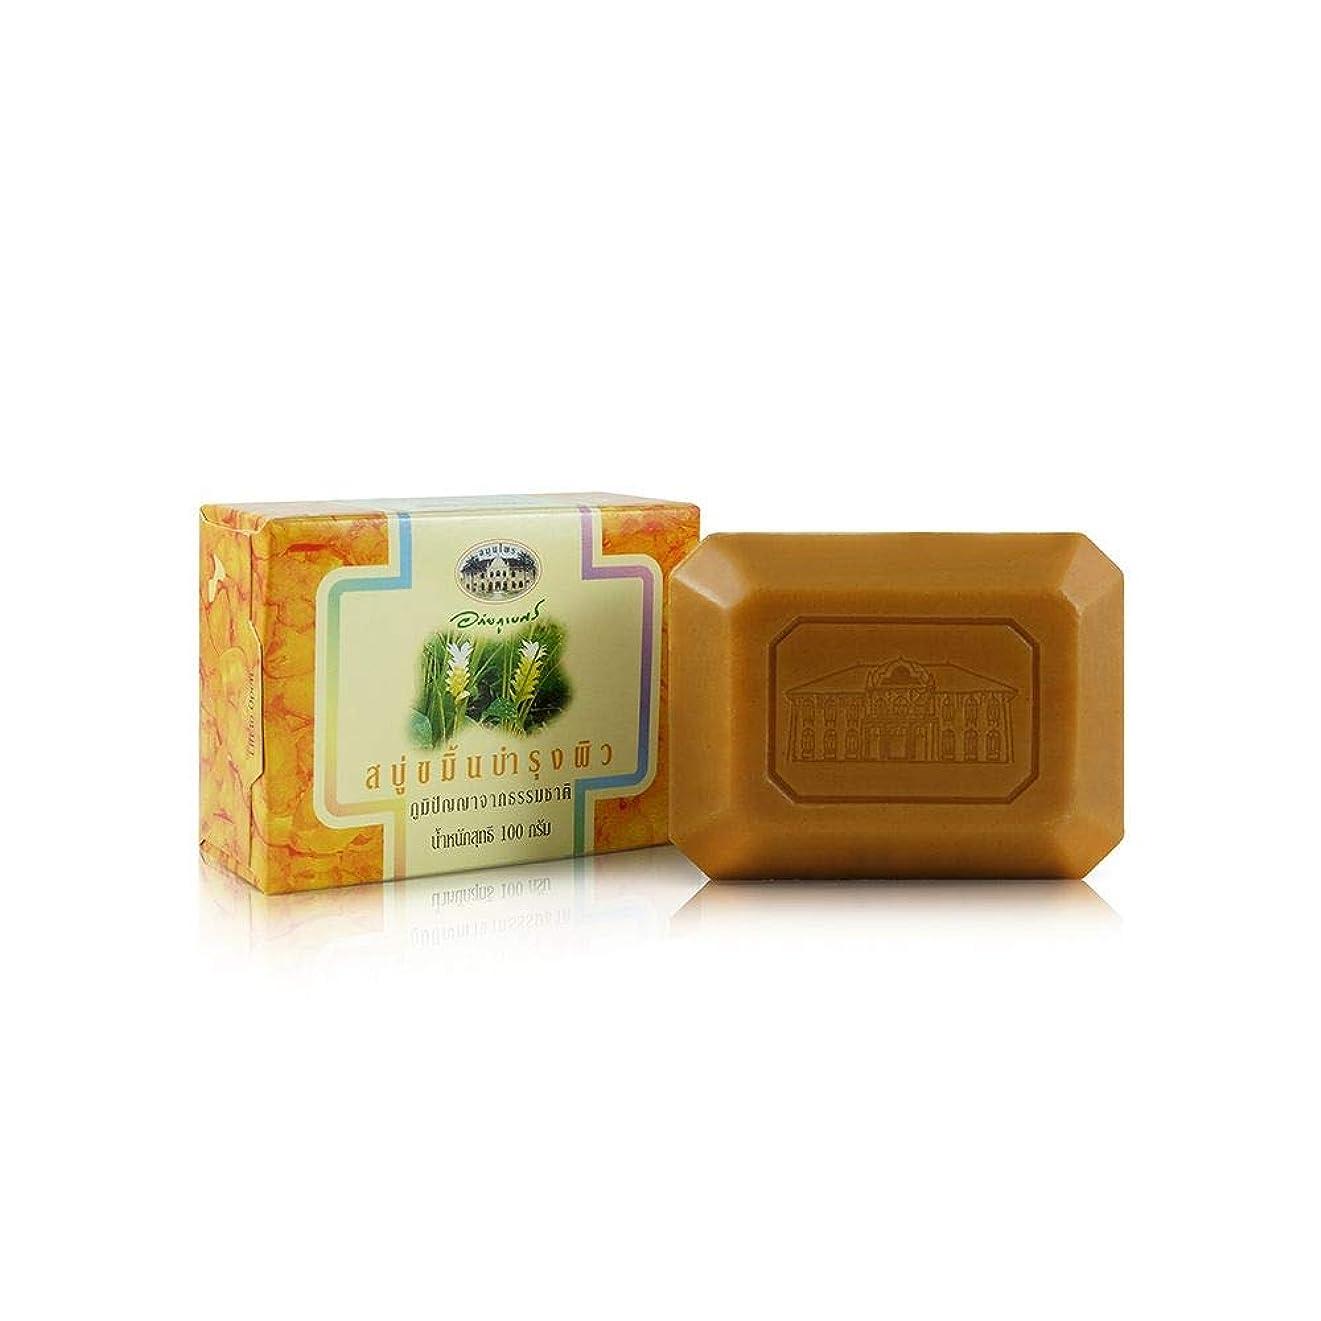 同級生フクロウイサカAbhaibhubejhr Turmeric Herbal Body Cleansing Soap 100g. Abhaibhubejhrターメリックハーブボディクレンジングソープ100グラム。